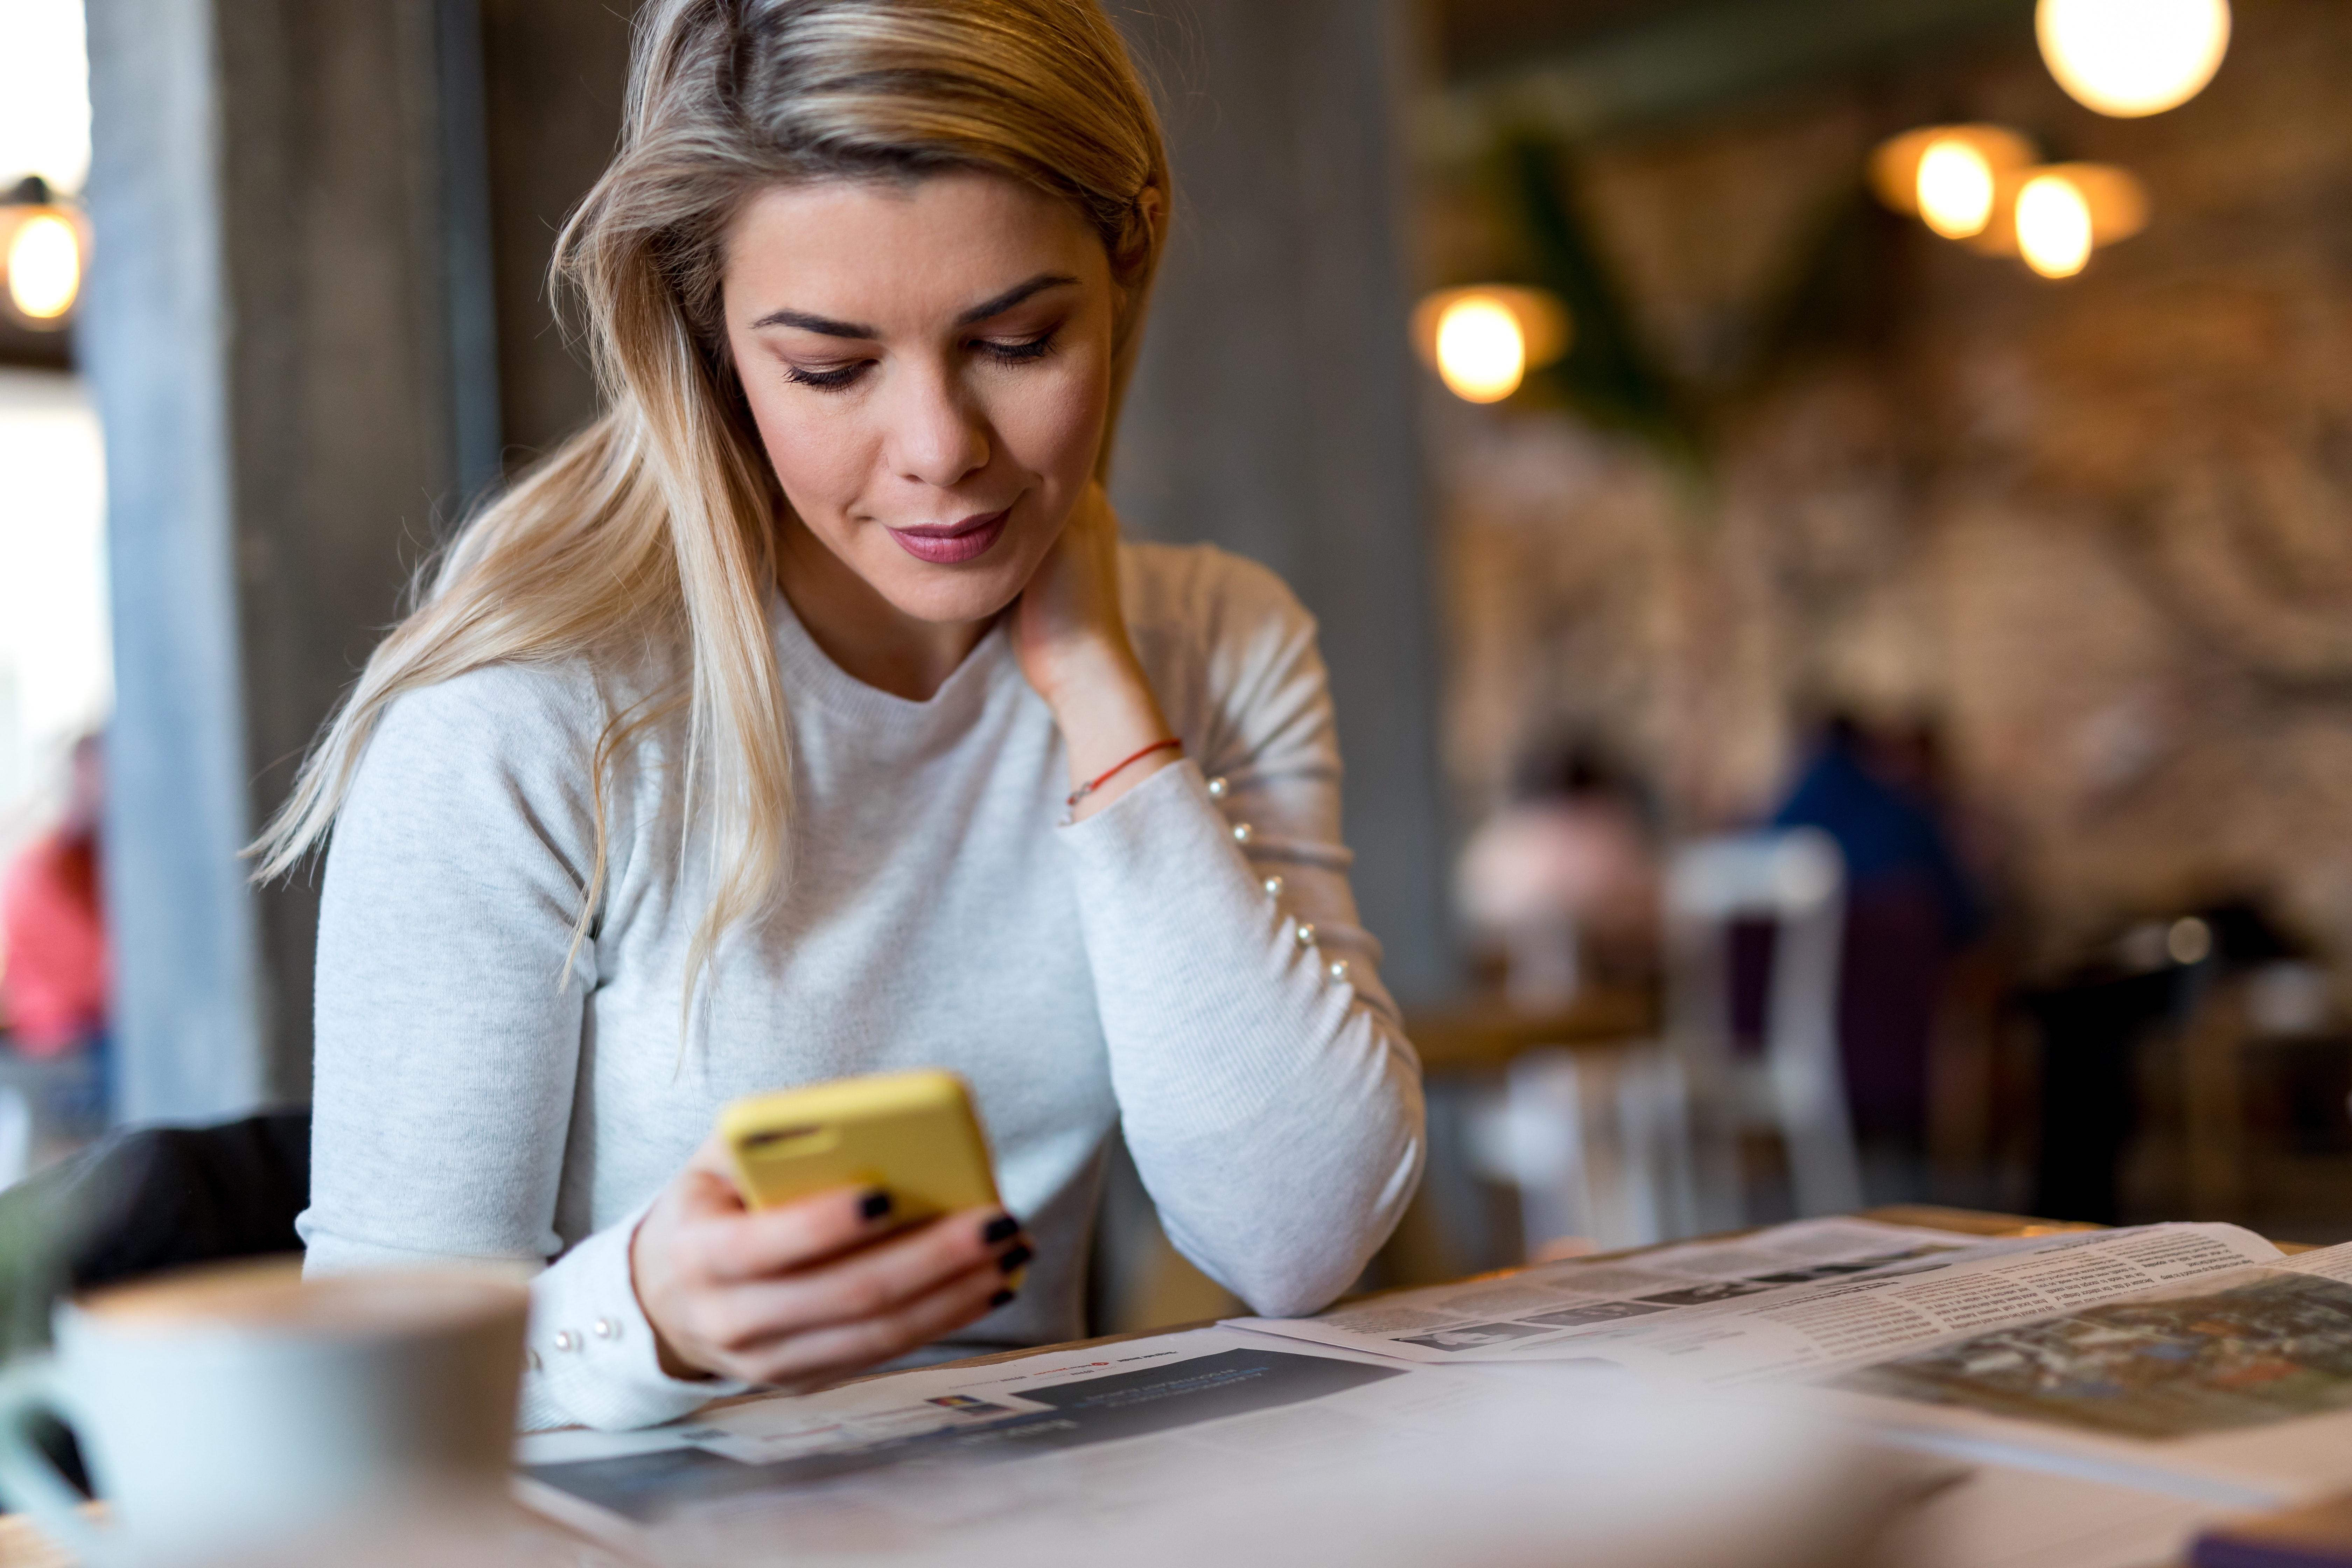 Hvad skal man skrive i en dating profil